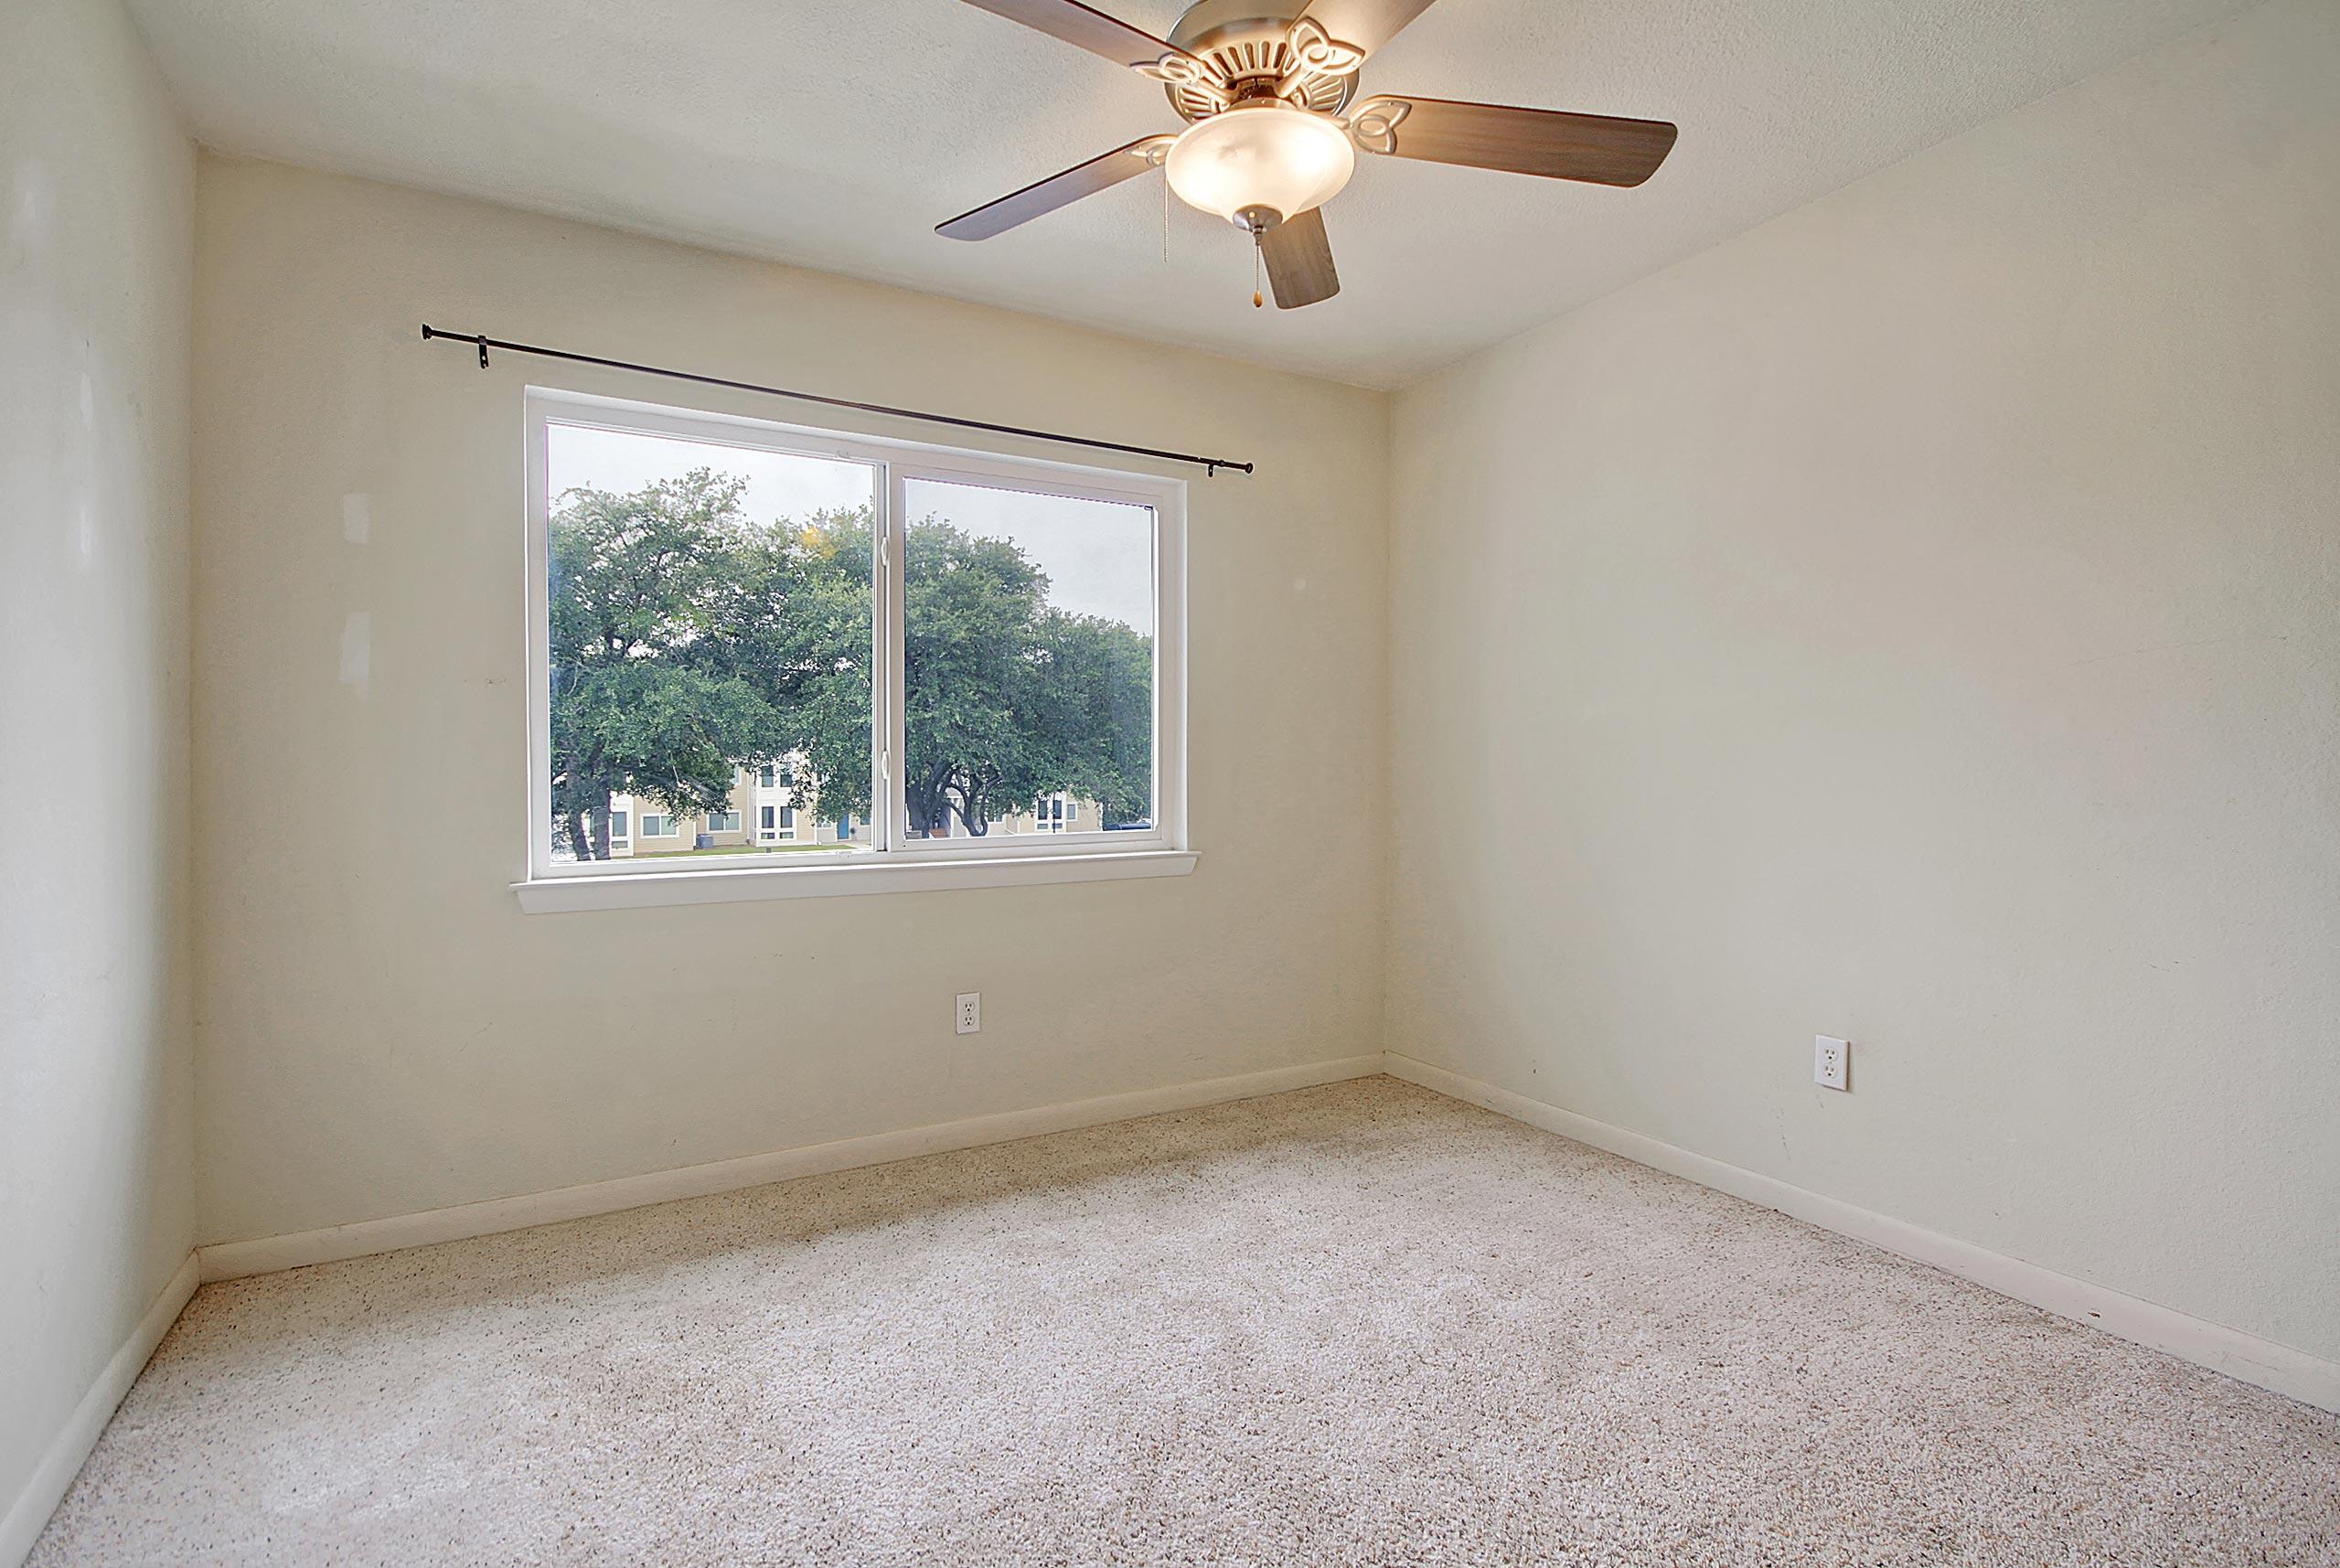 East Bridge Town Lofts Homes For Sale - 273 Alexandra, Mount Pleasant, SC - 22